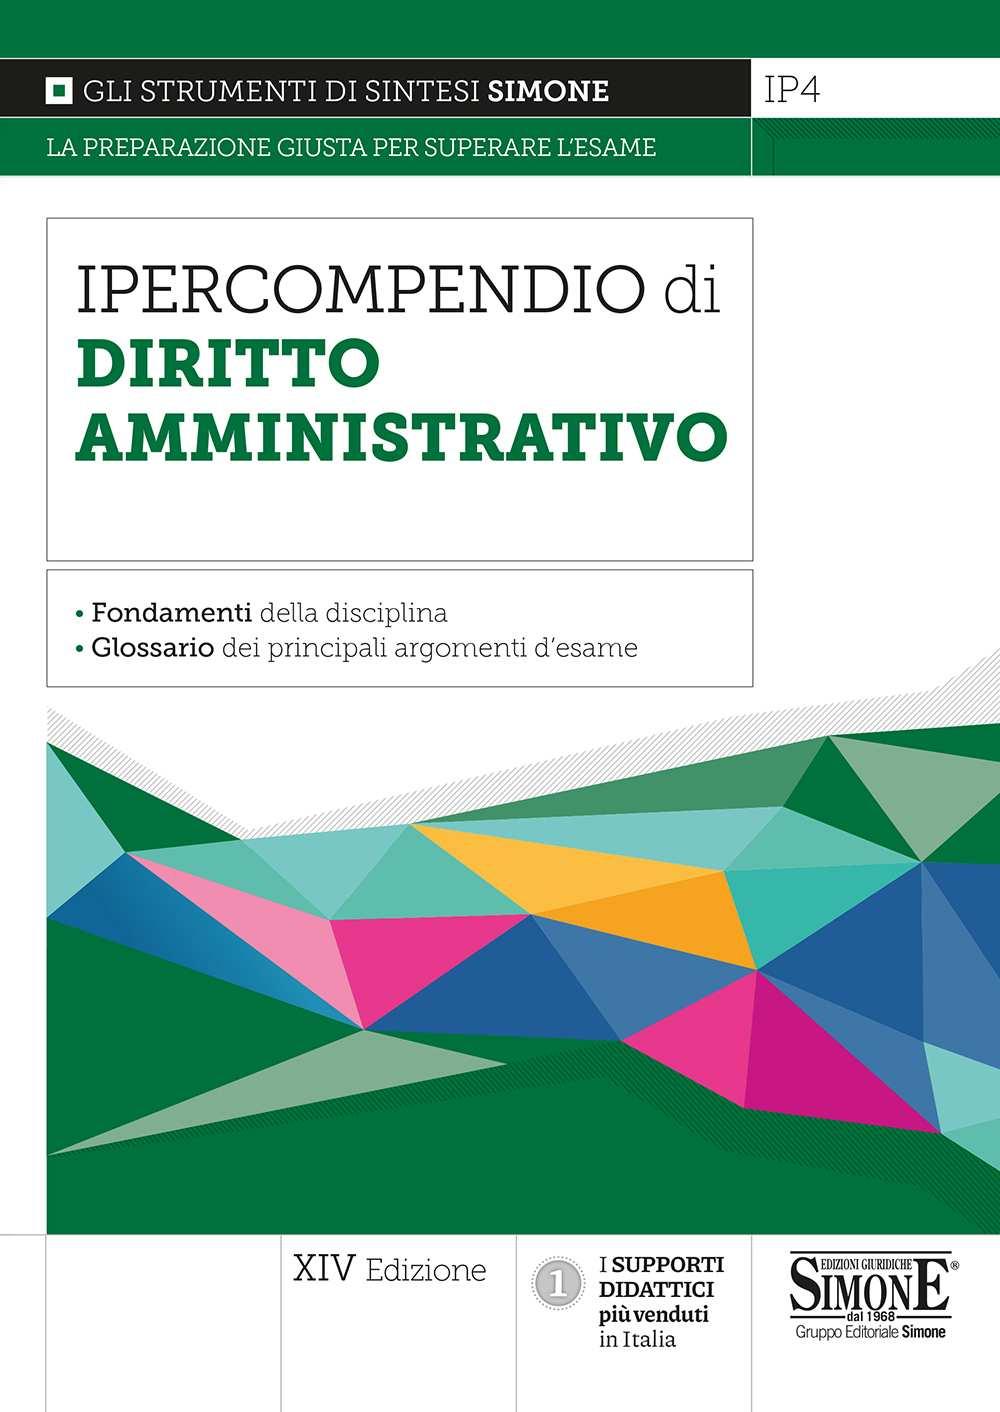 Ipercompendio di Diritto Amministrativo 2021